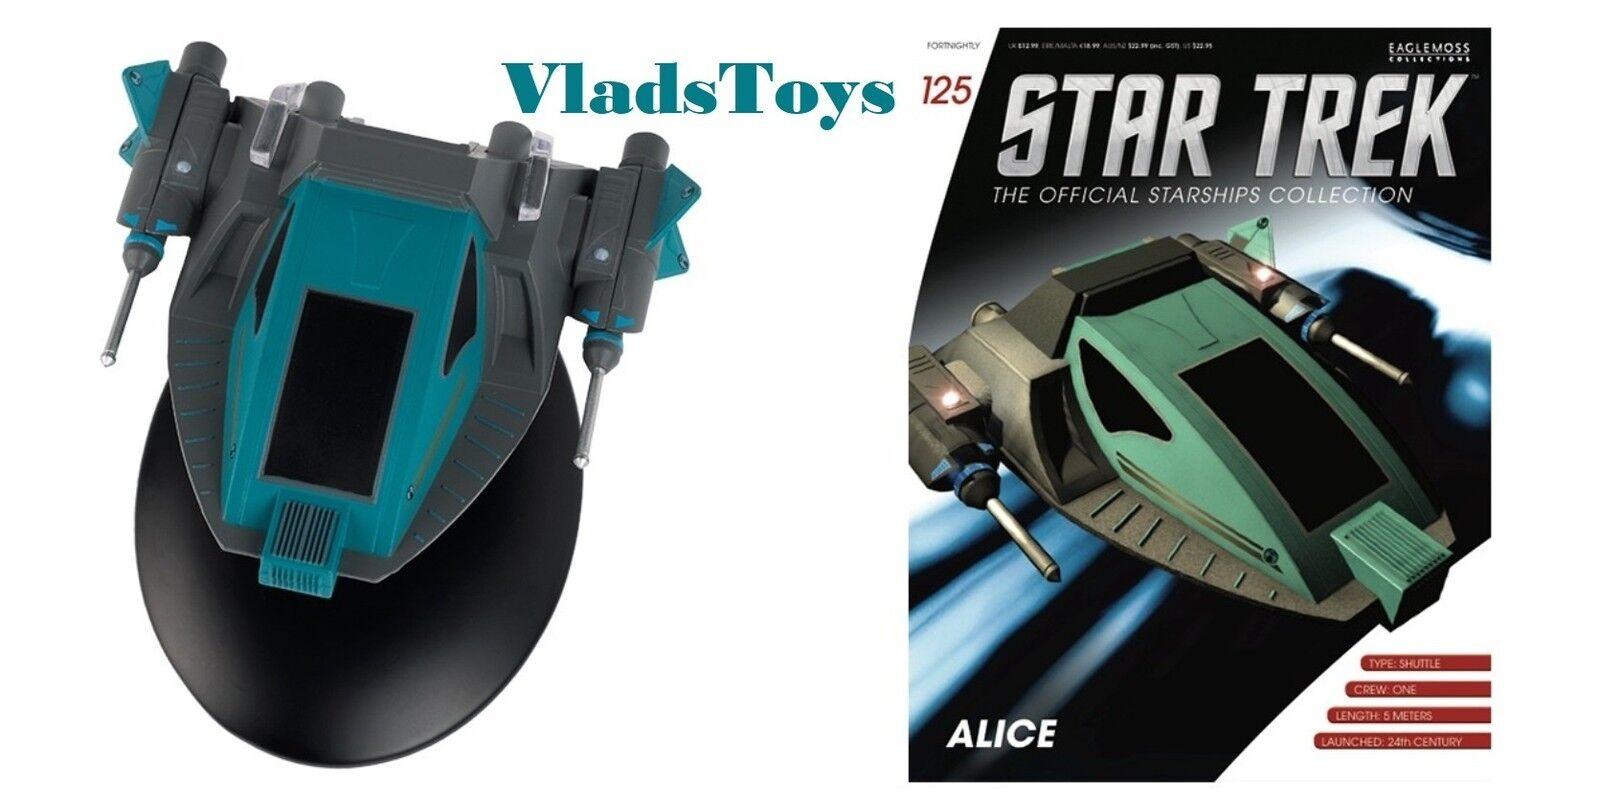 Alice Shuttlecraft Eaglemoss Star Trek Voyager Issue w Magazine